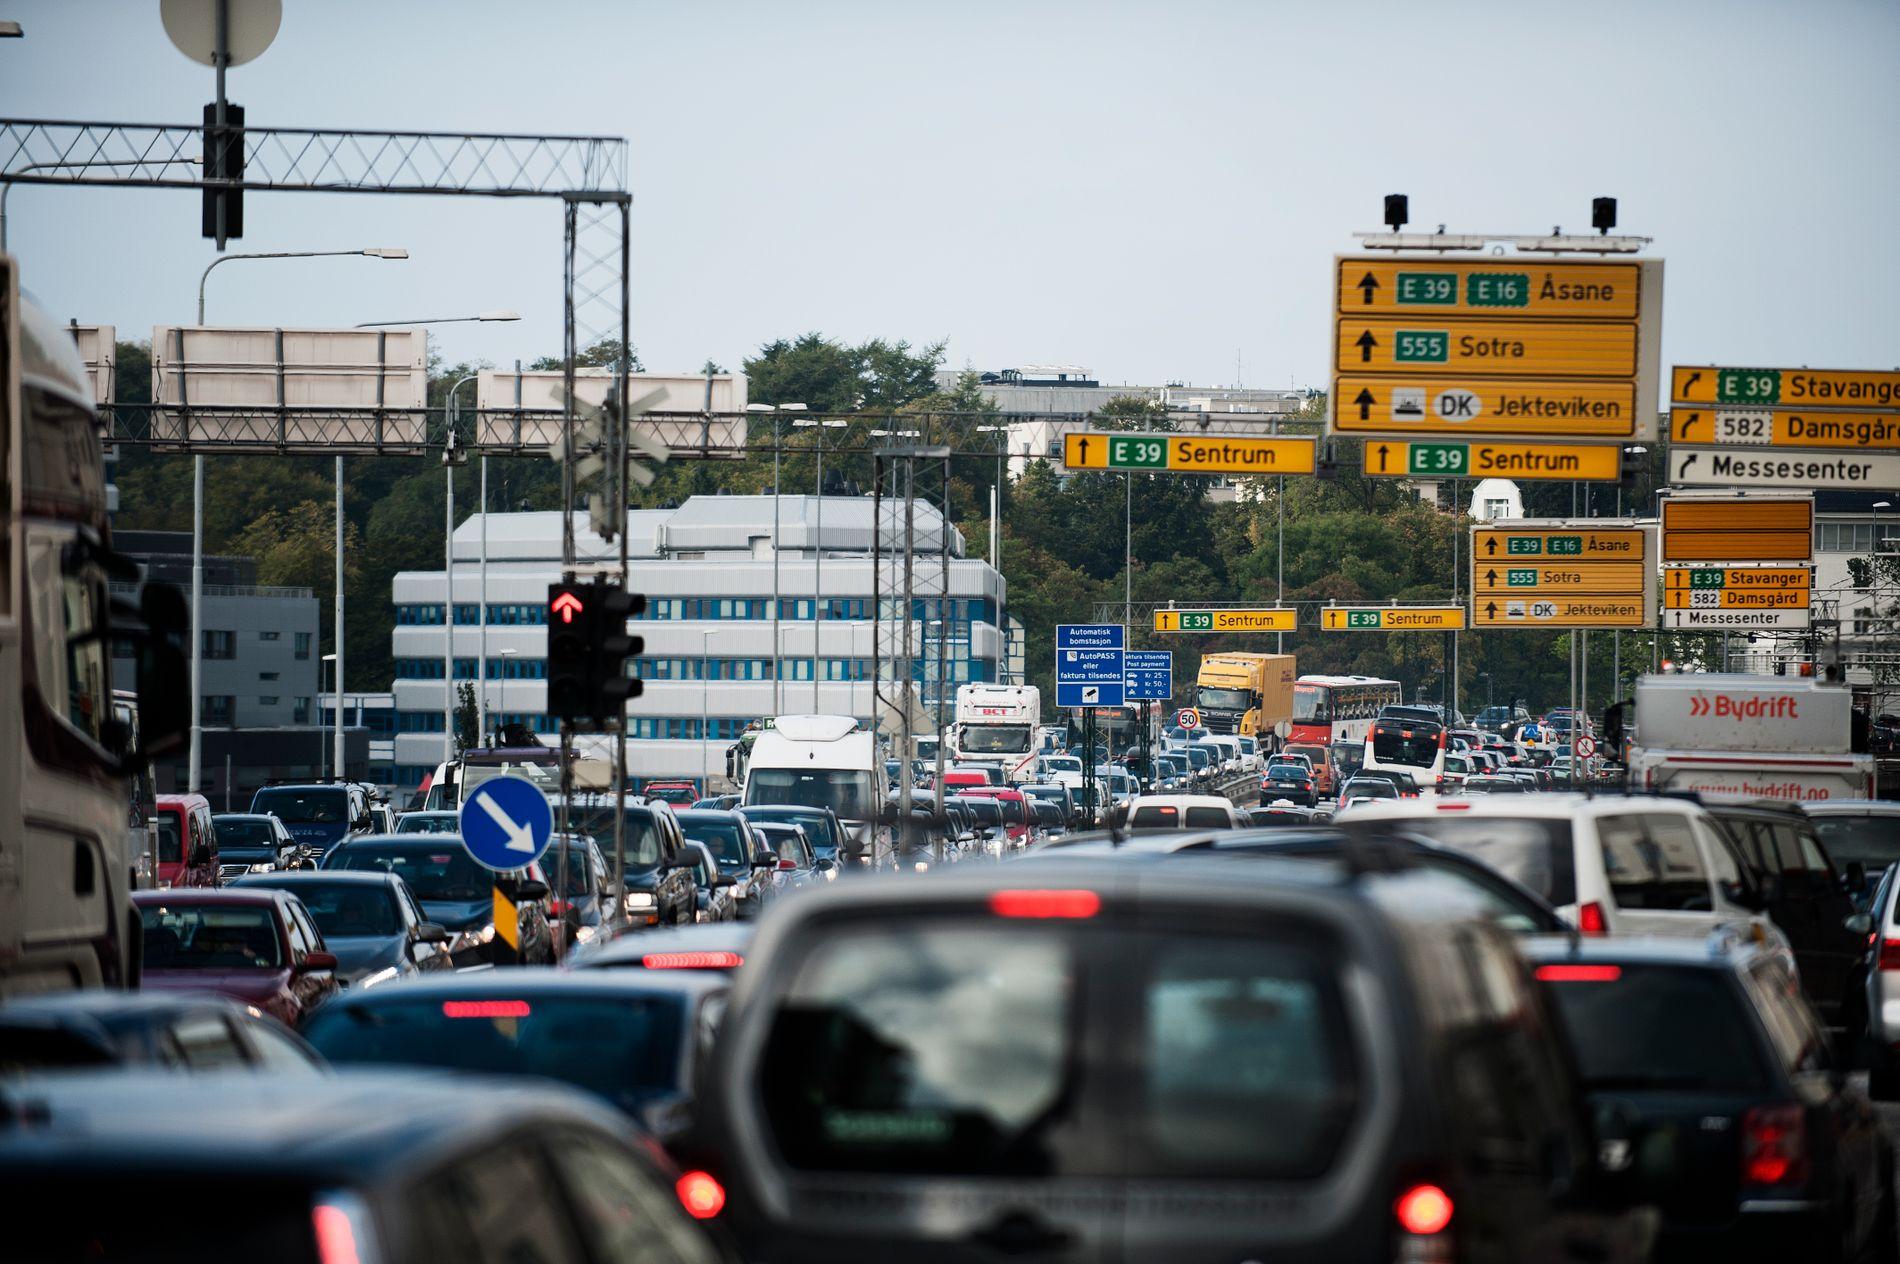 VARSLA LOVBROT: – Onsdagens bompengeaksjon er eit varsla lovbrot. Politiet må bøteleggje aksjonistar som bevisst hindrar trafikken.